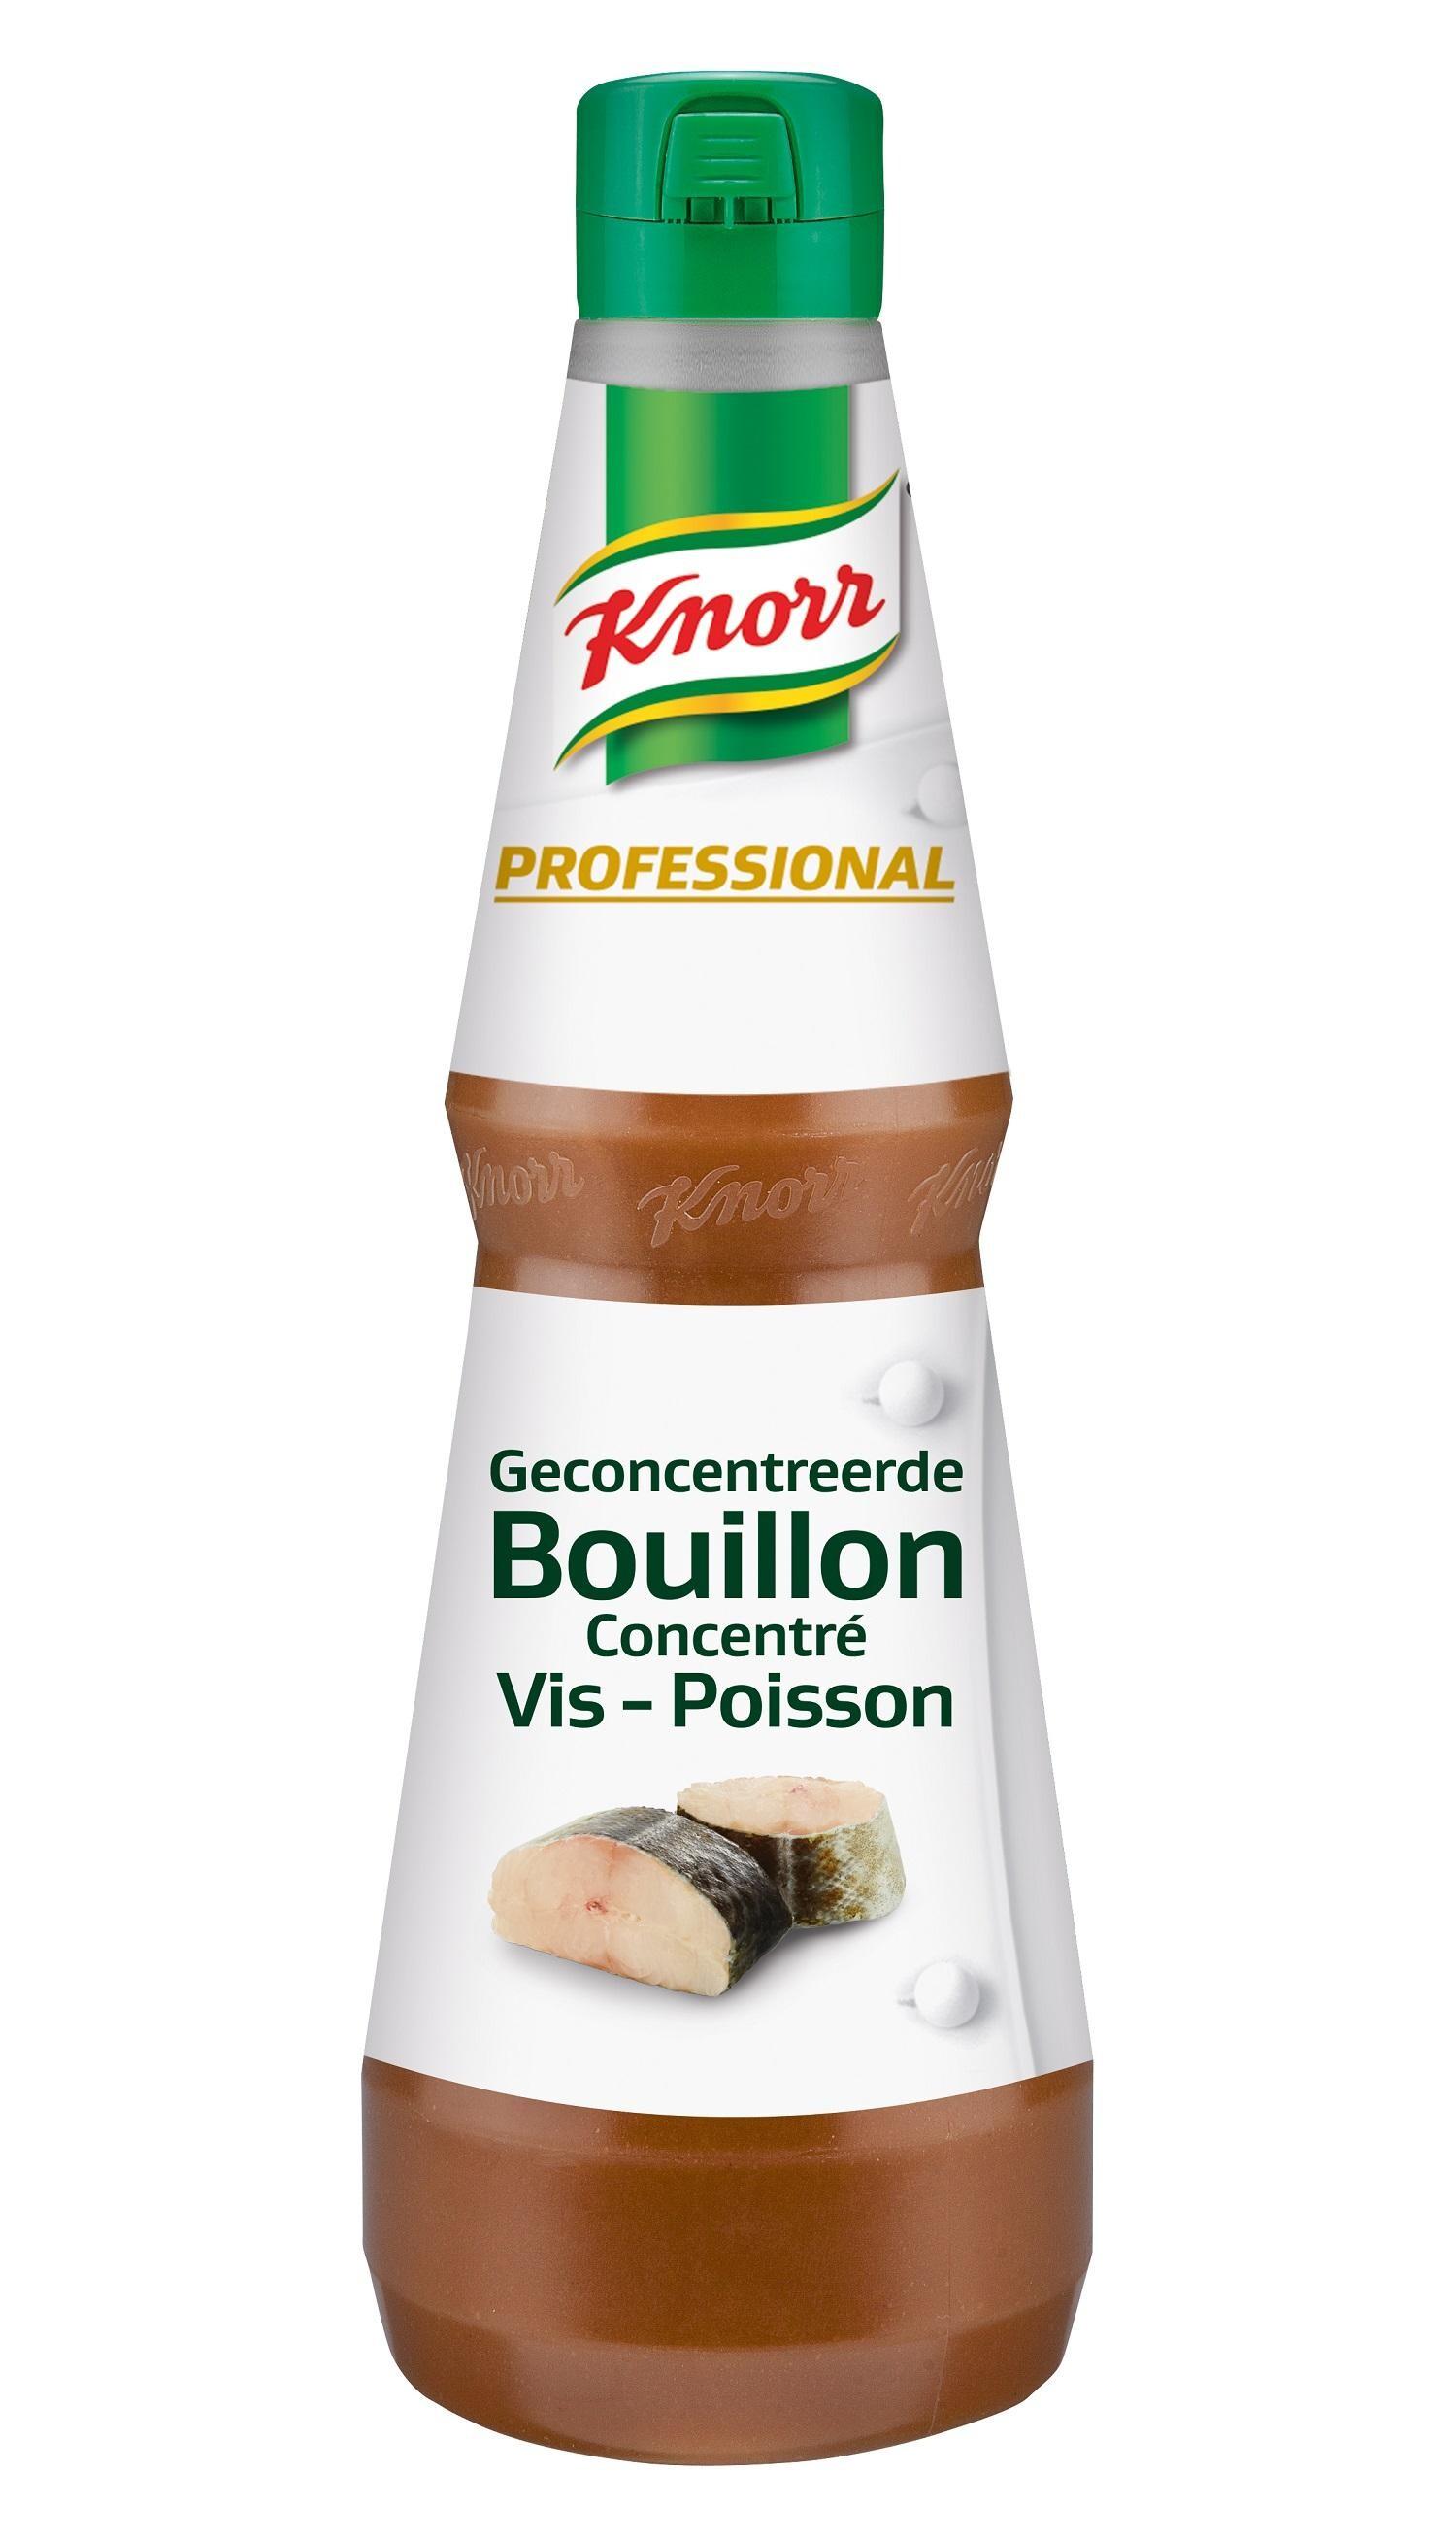 Knorr Geconcentreerde Visbouillon vloeibaar 1L Professional